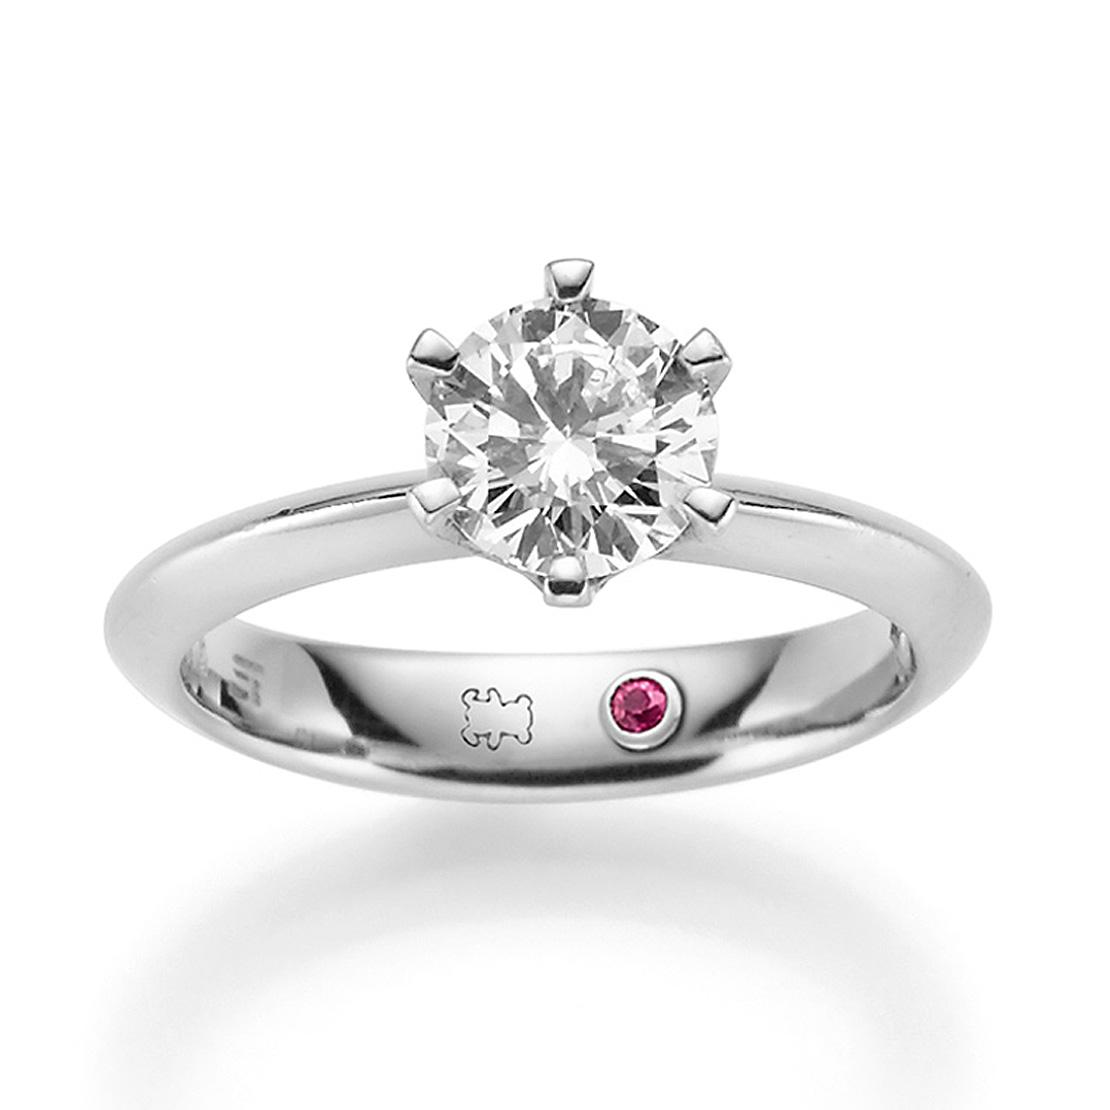 Unser Bärenherz Diamantring